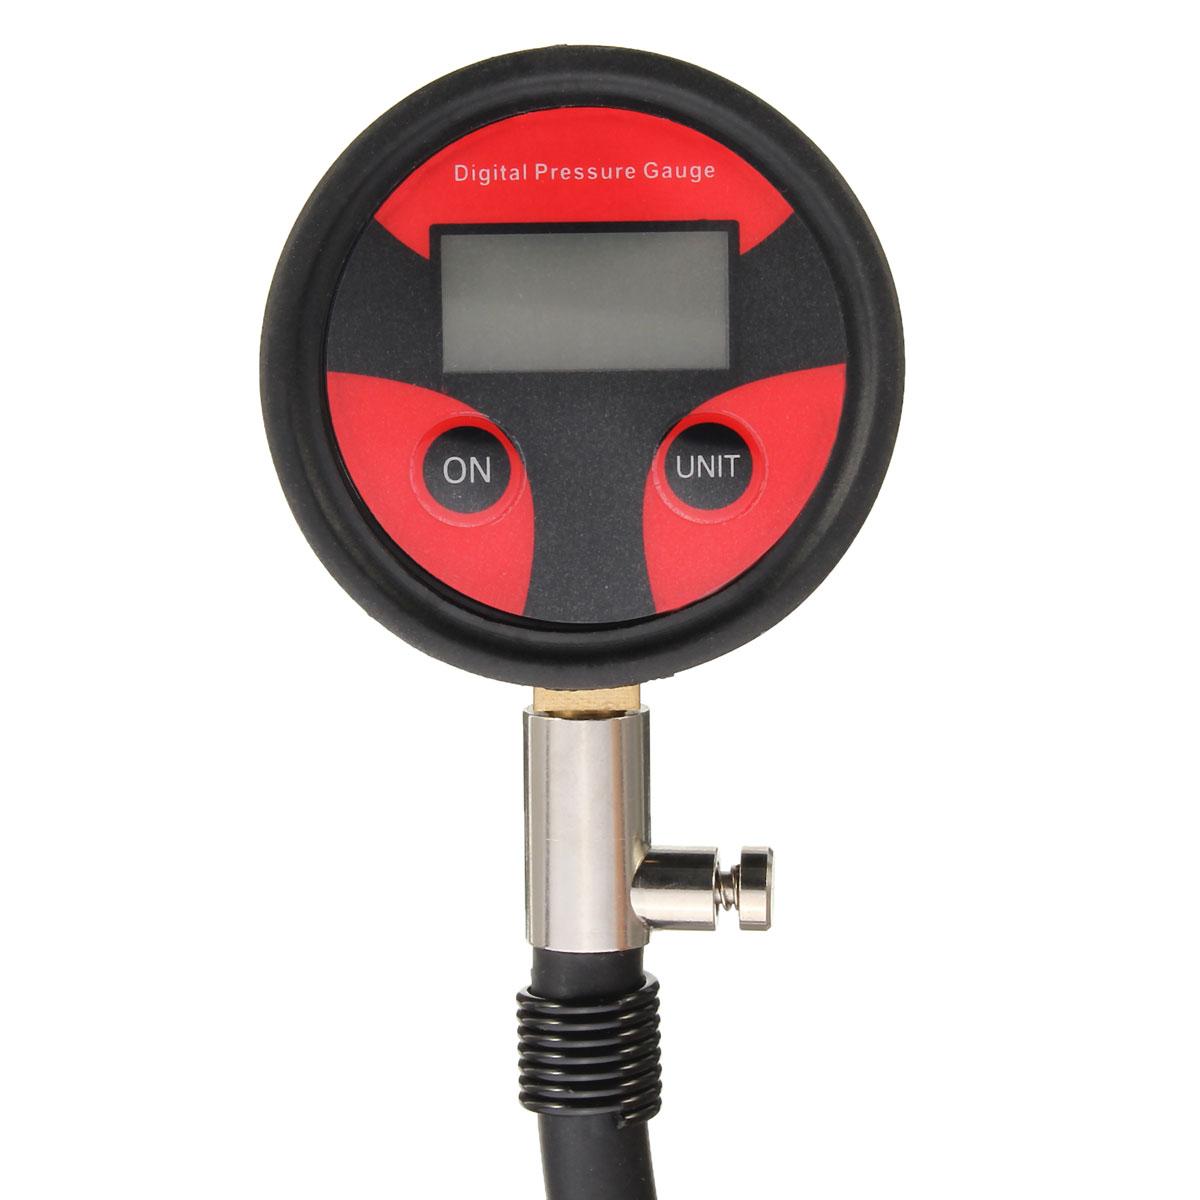 0-200PSI Metal Digital Tire LCD Manometer Air Pressure Gauge PSI BAR KPA KGF/cm